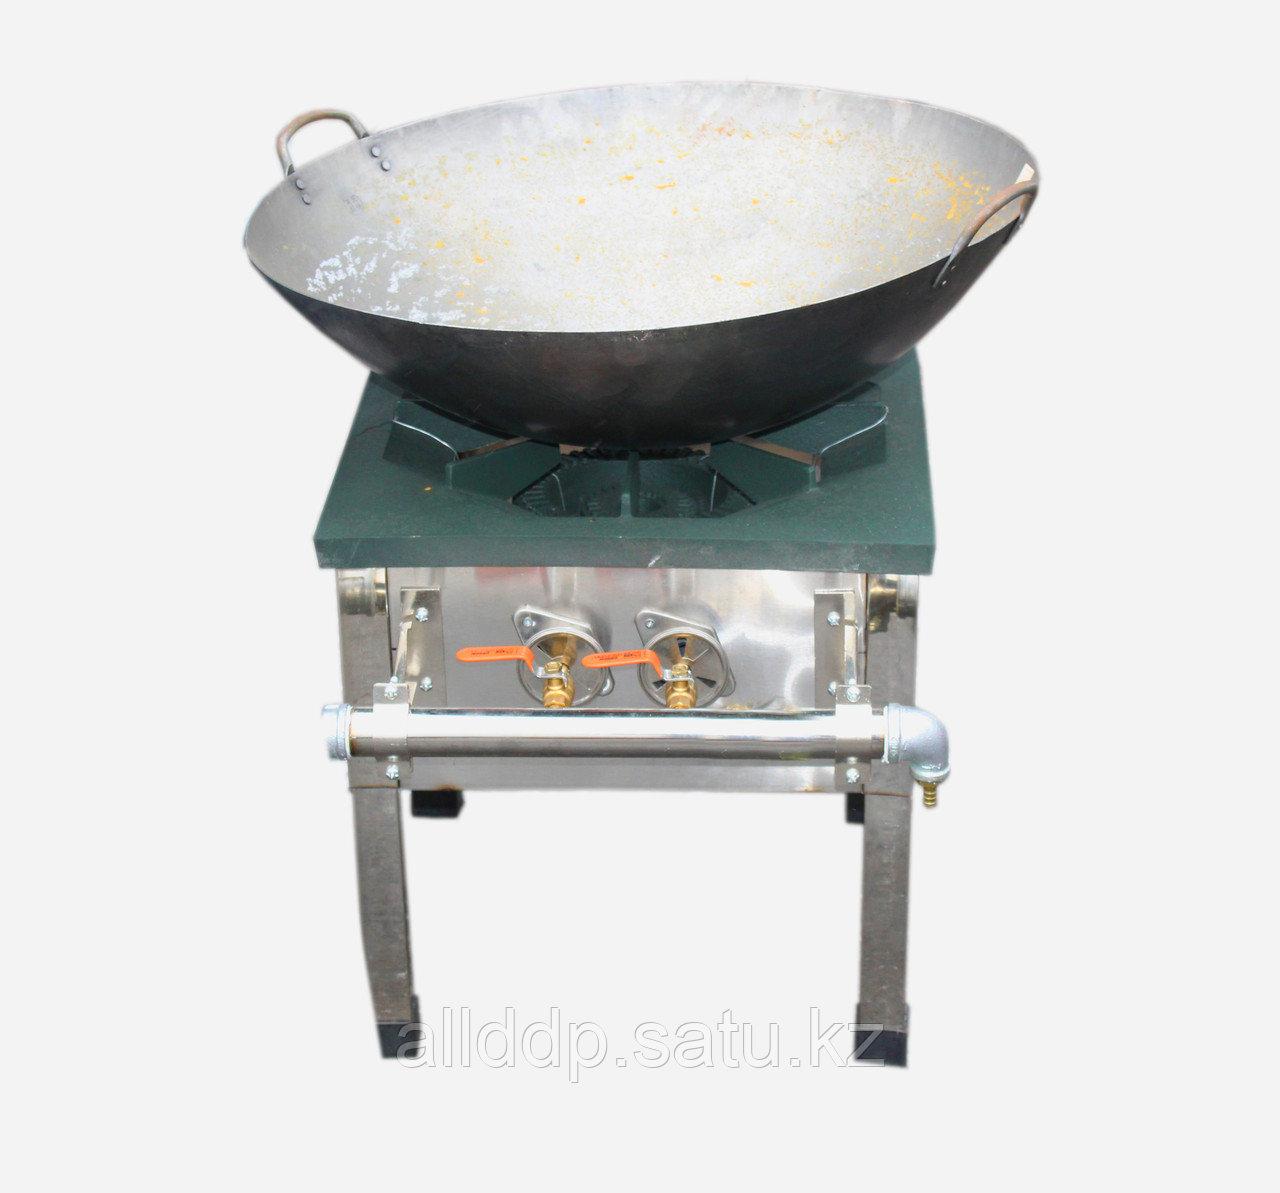 Газовая горелка для казана и вок, на ножках, два круга пламени D 45 см